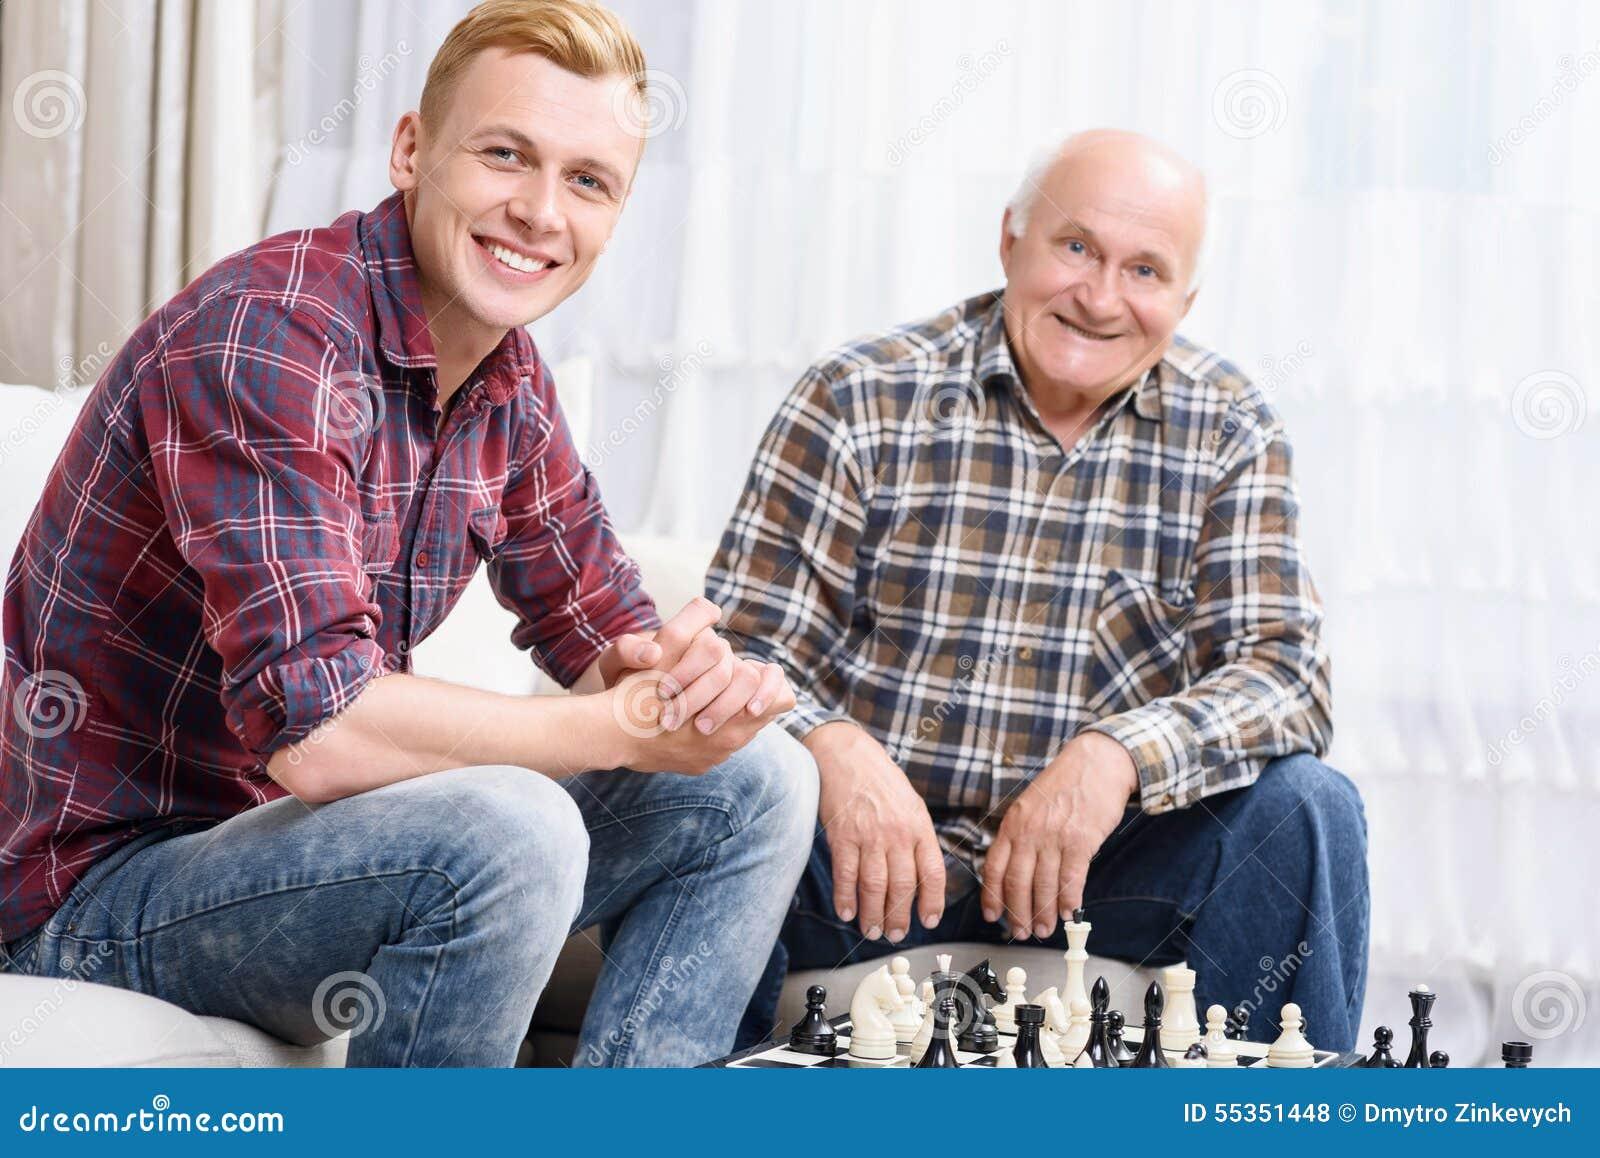 Nonno e nipote che giocano scacchi